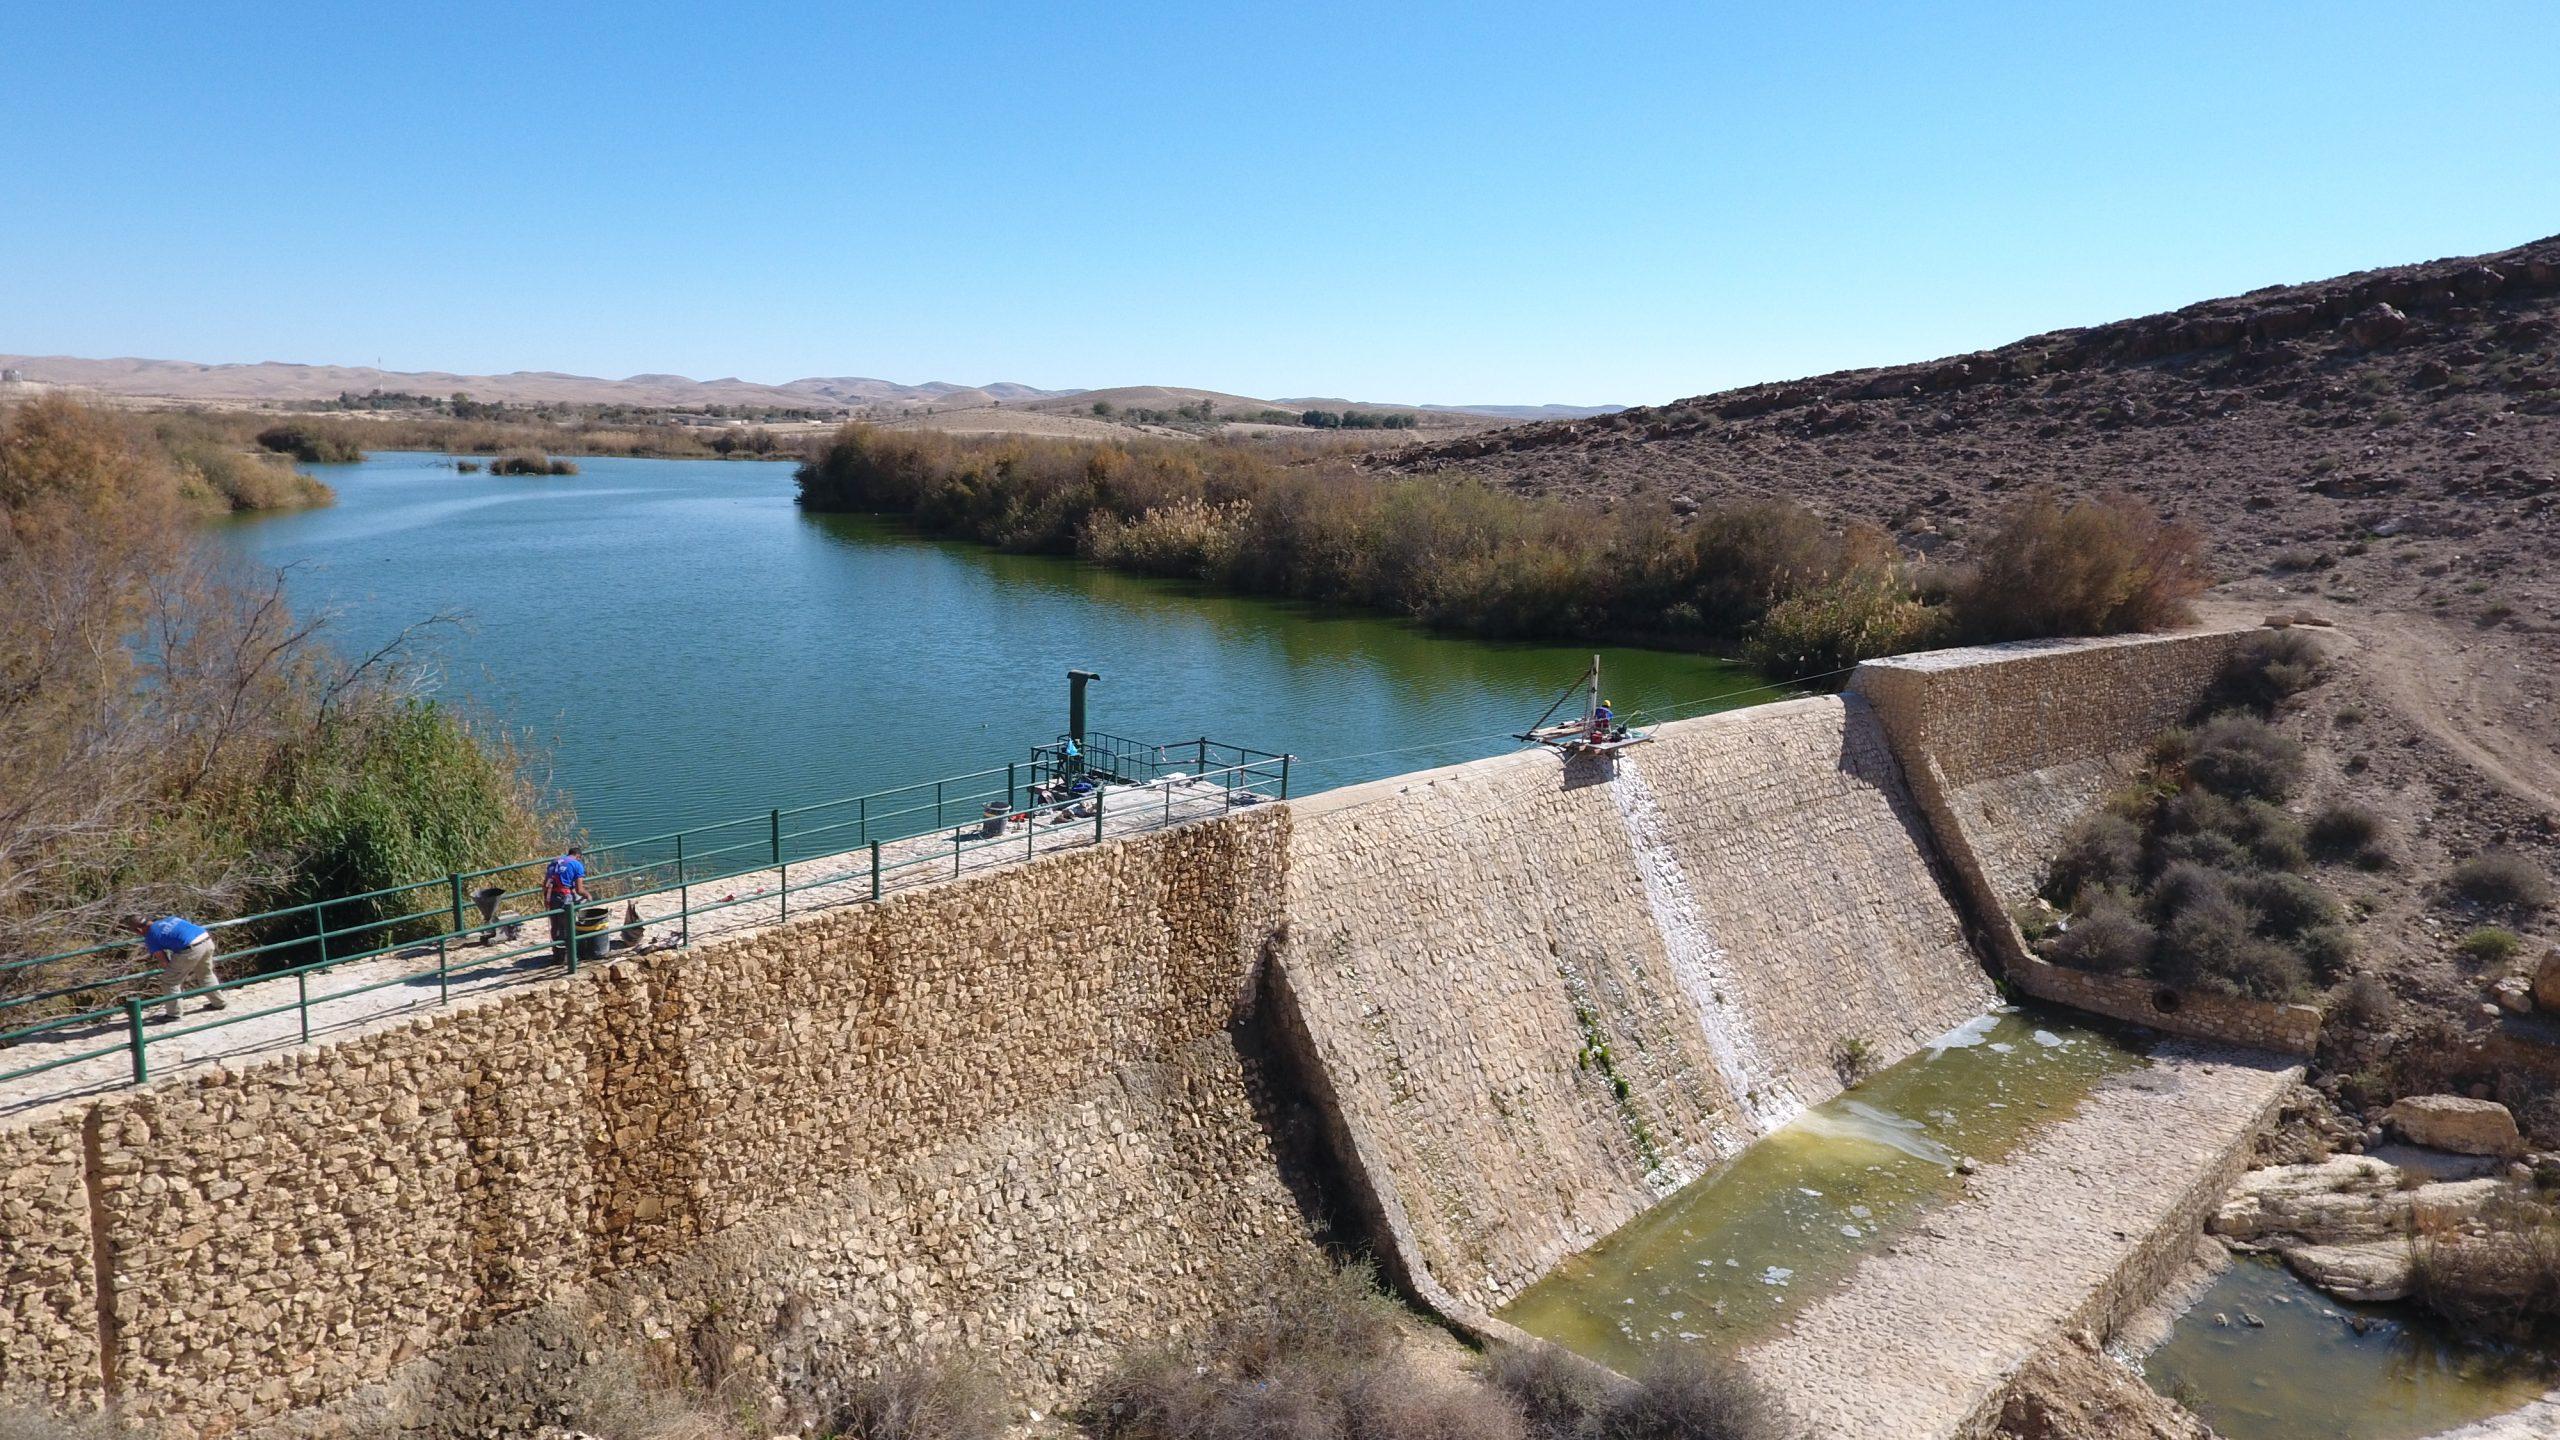 שיקום הסכר ההיסטורי בפארק אגם ירוחם והקמת גשר על גבי הסכר